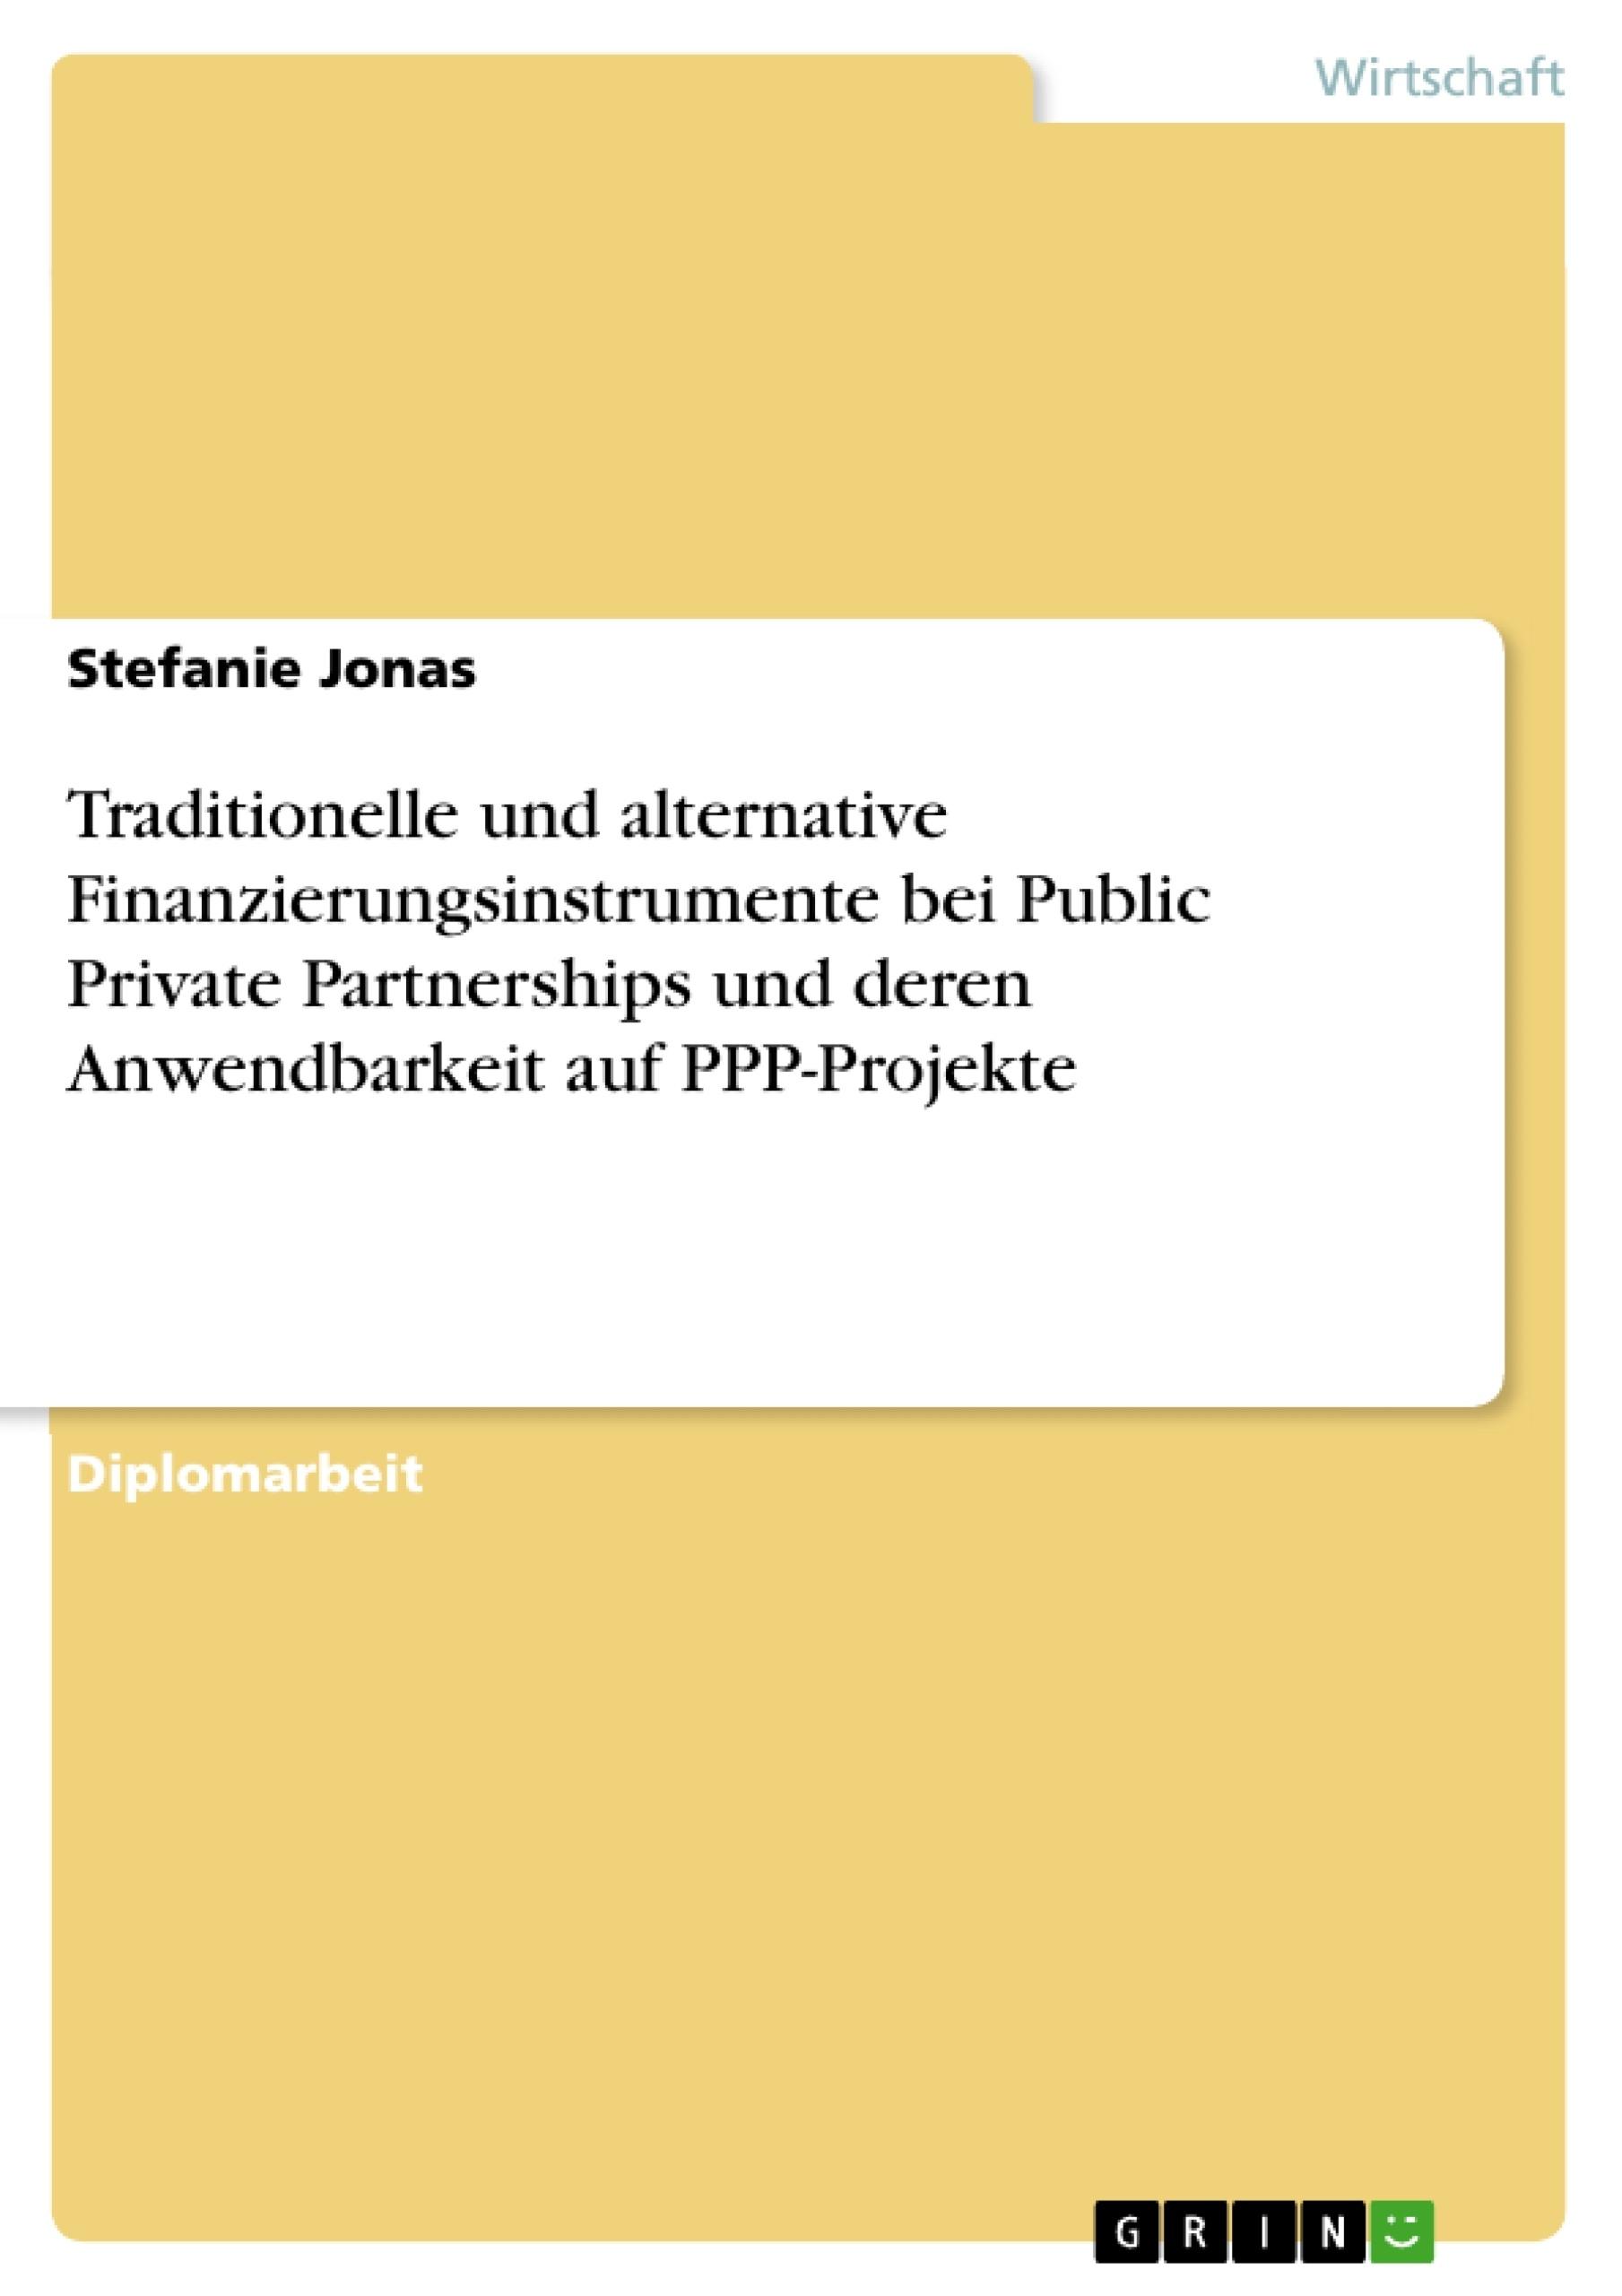 Titel: Traditionelle und alternative Finanzierungsinstrumente bei Public Private Partnerships und deren Anwendbarkeit auf PPP-Projekte